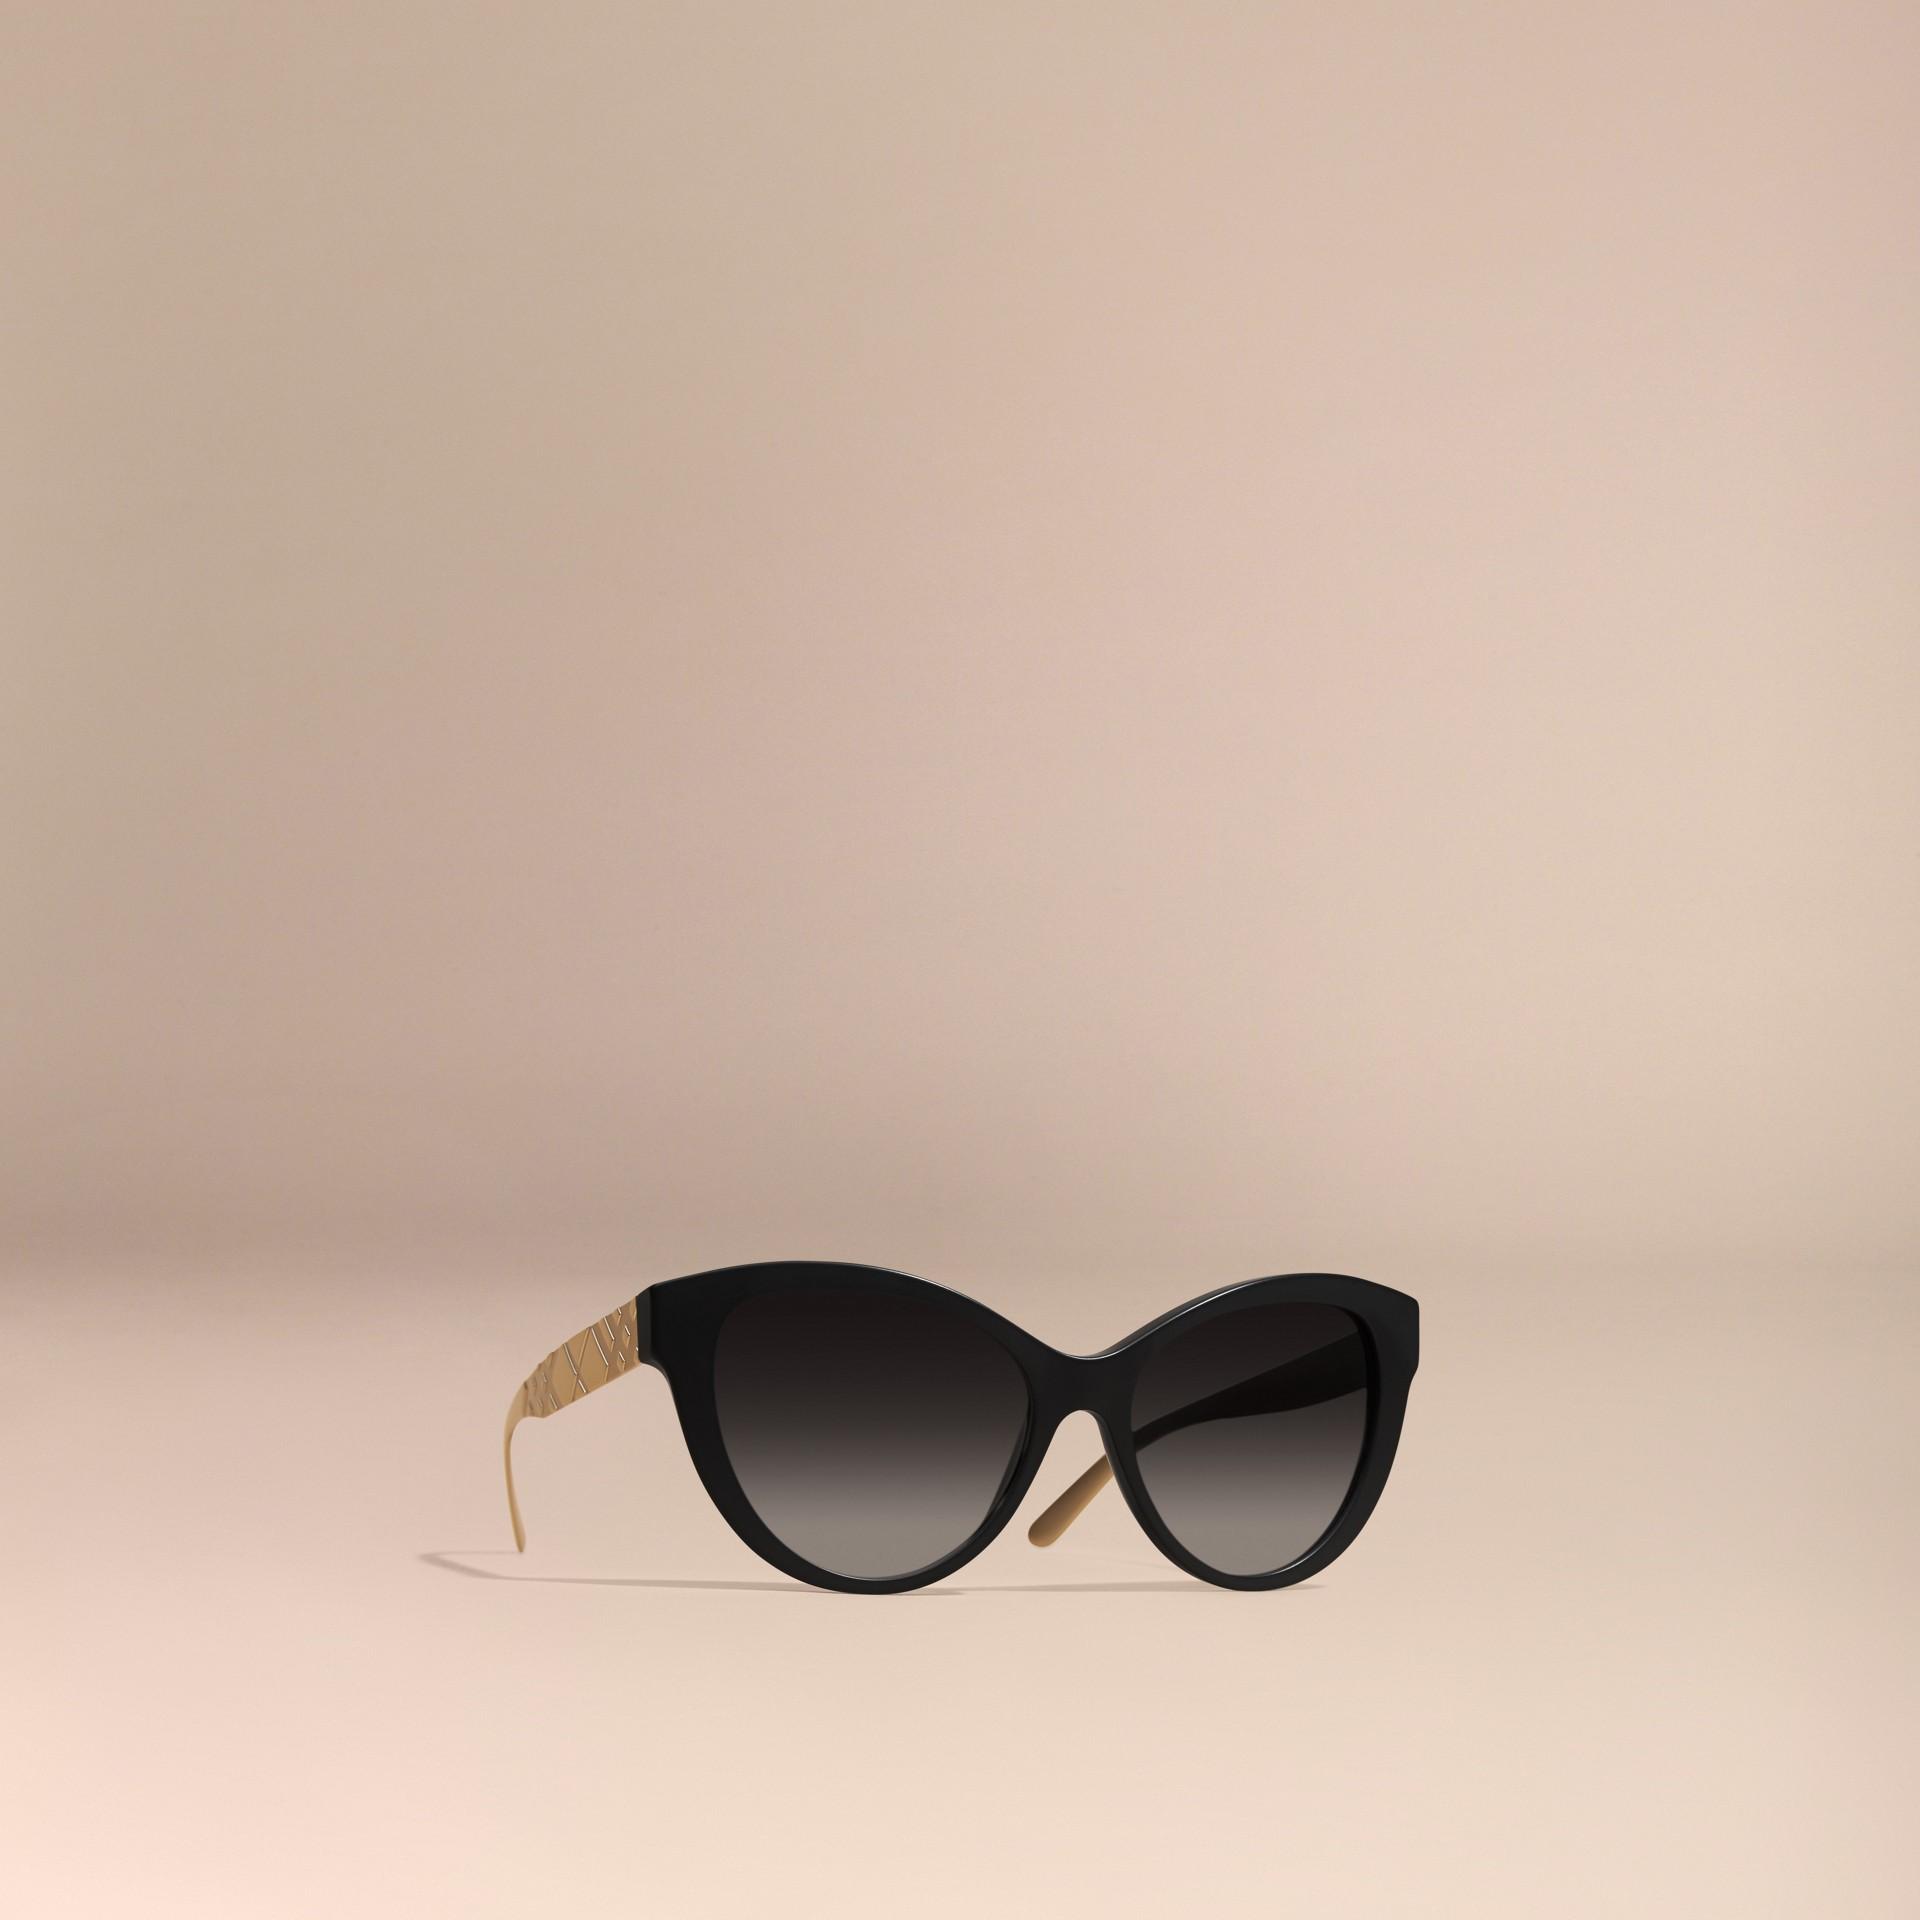 Noir Lunettes de soleil œil-de-chat avec détails check tridimensionnels Noir - photo de la galerie 1